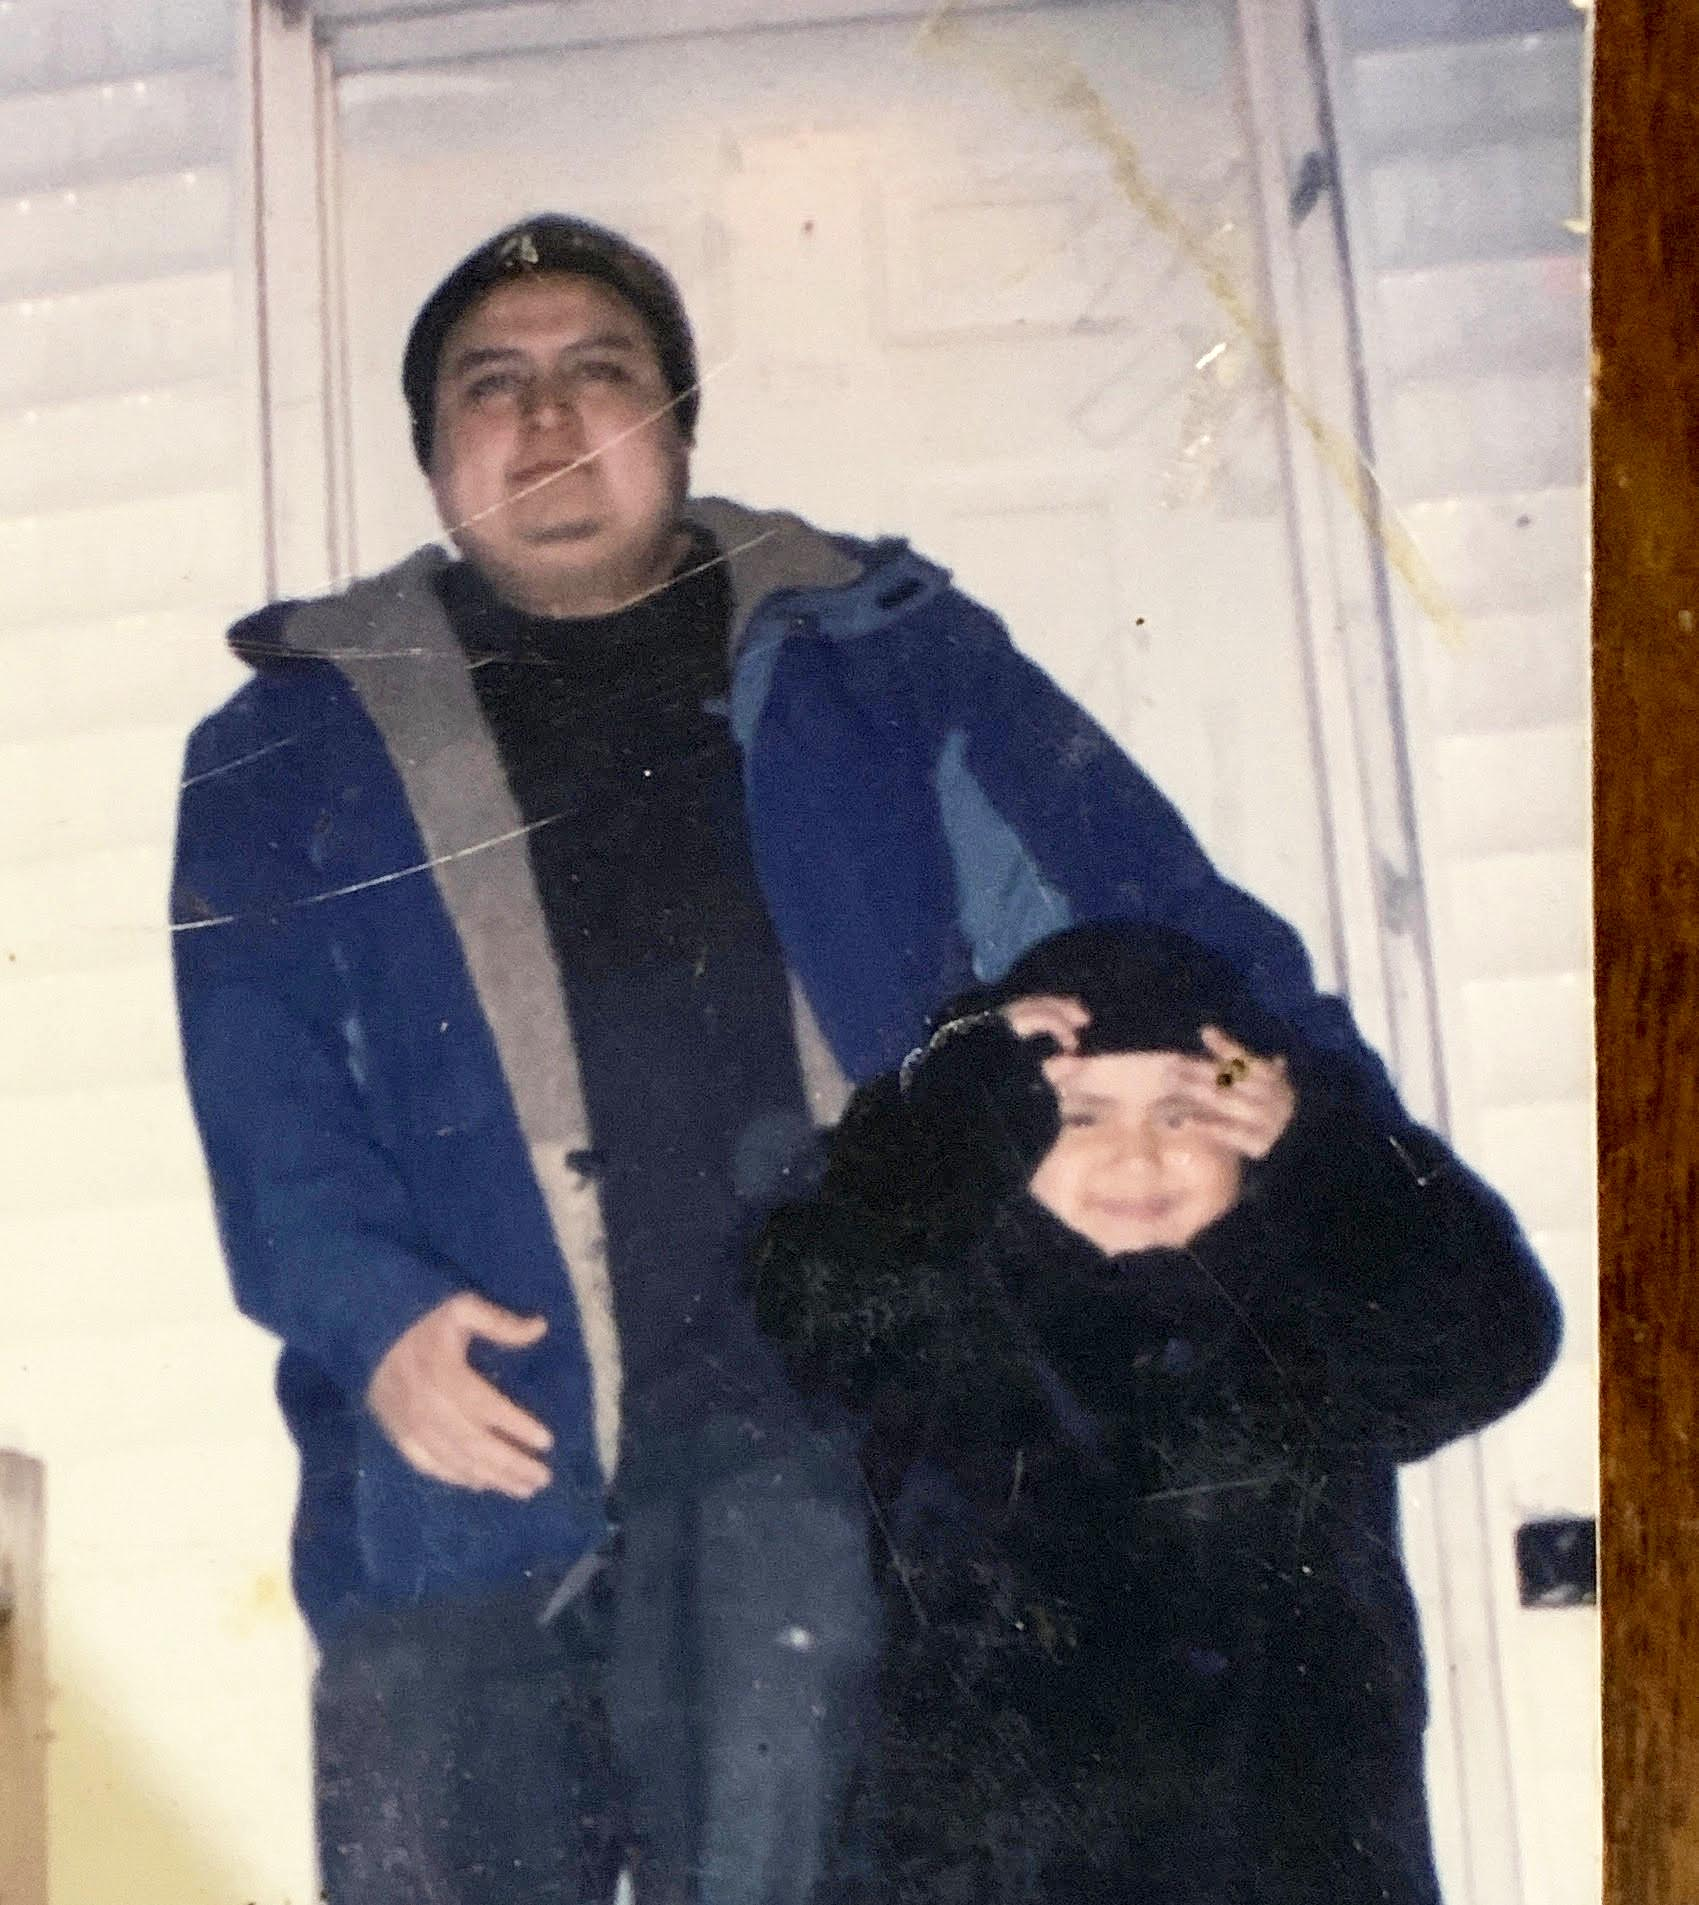 Jose Martin Romero Gonzalez